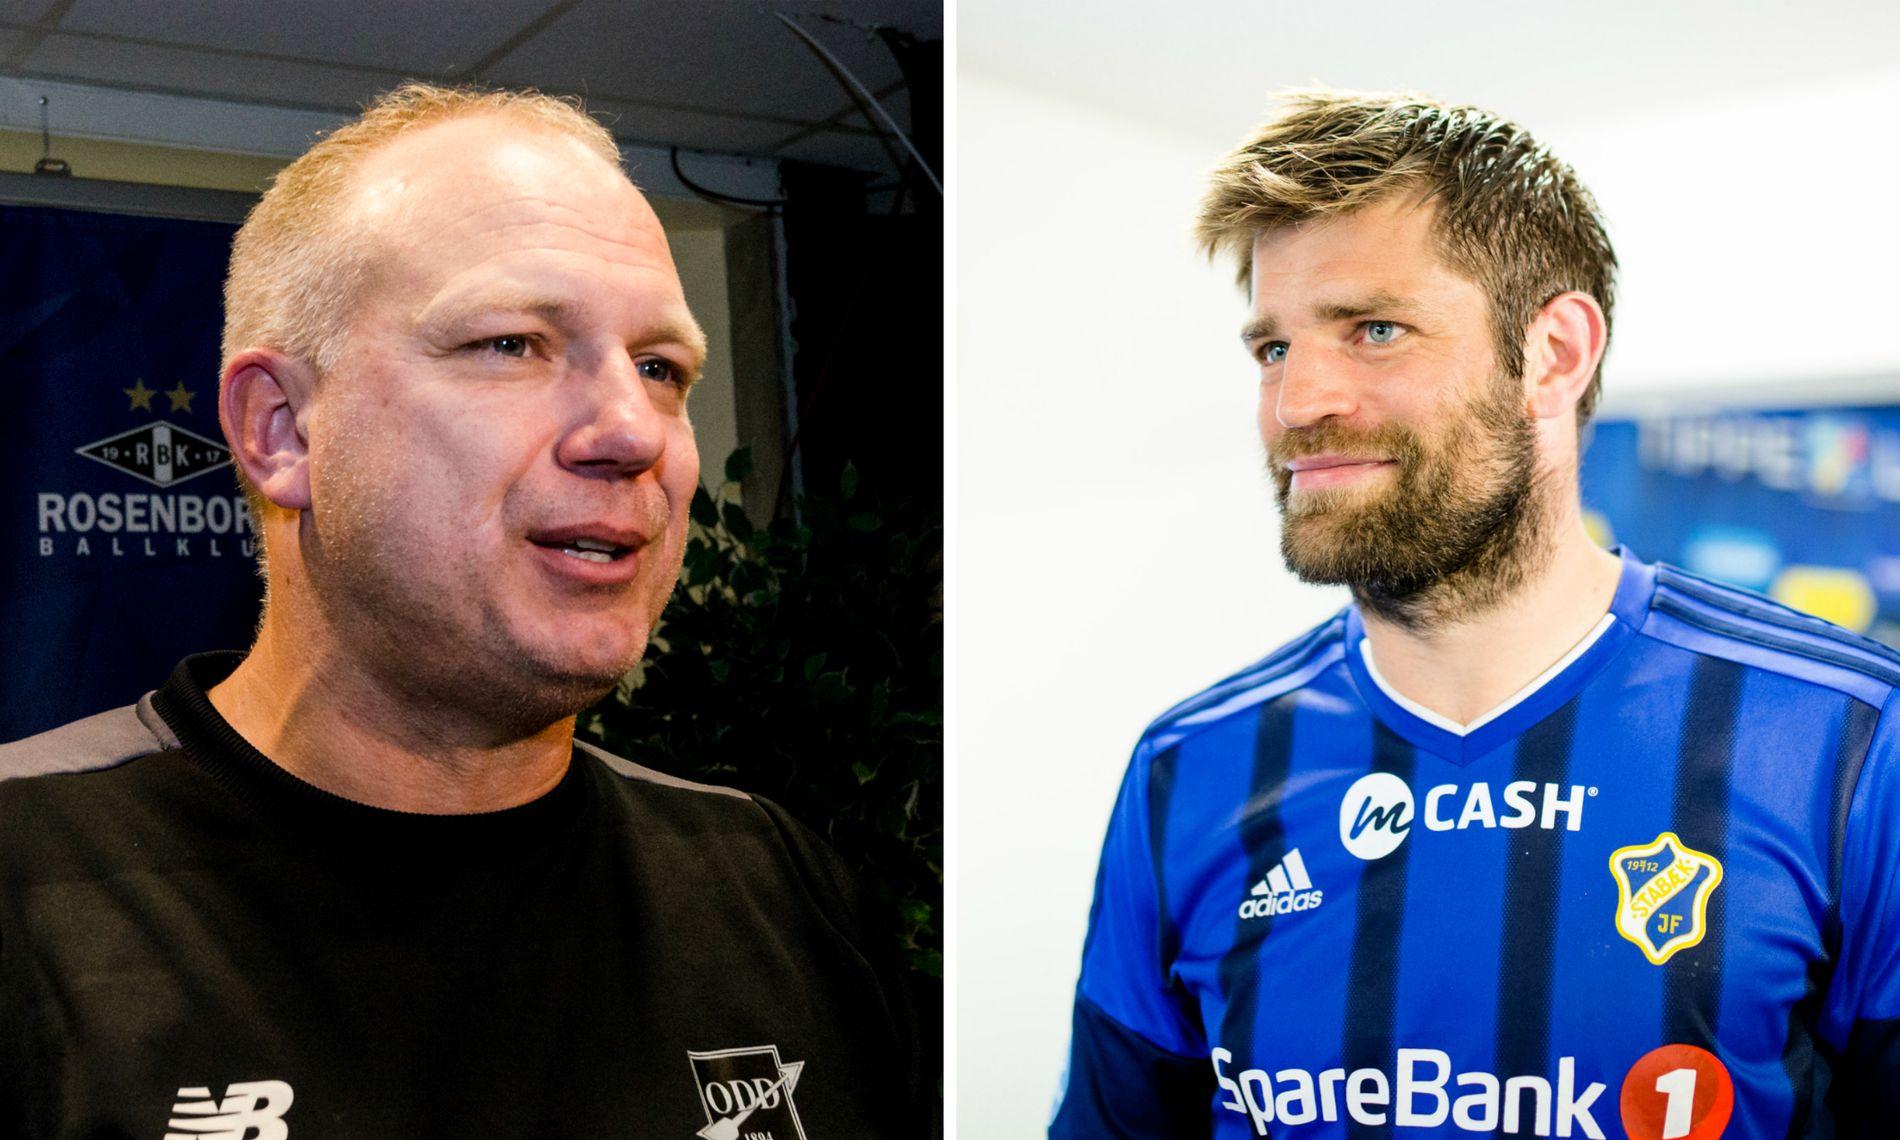 ERTER ODD: Stabæk-kaptein Morten Skjønsberg sender et stikk i retning Odd-trener Dag-Eilev Fagermo før Eliteserie-start.